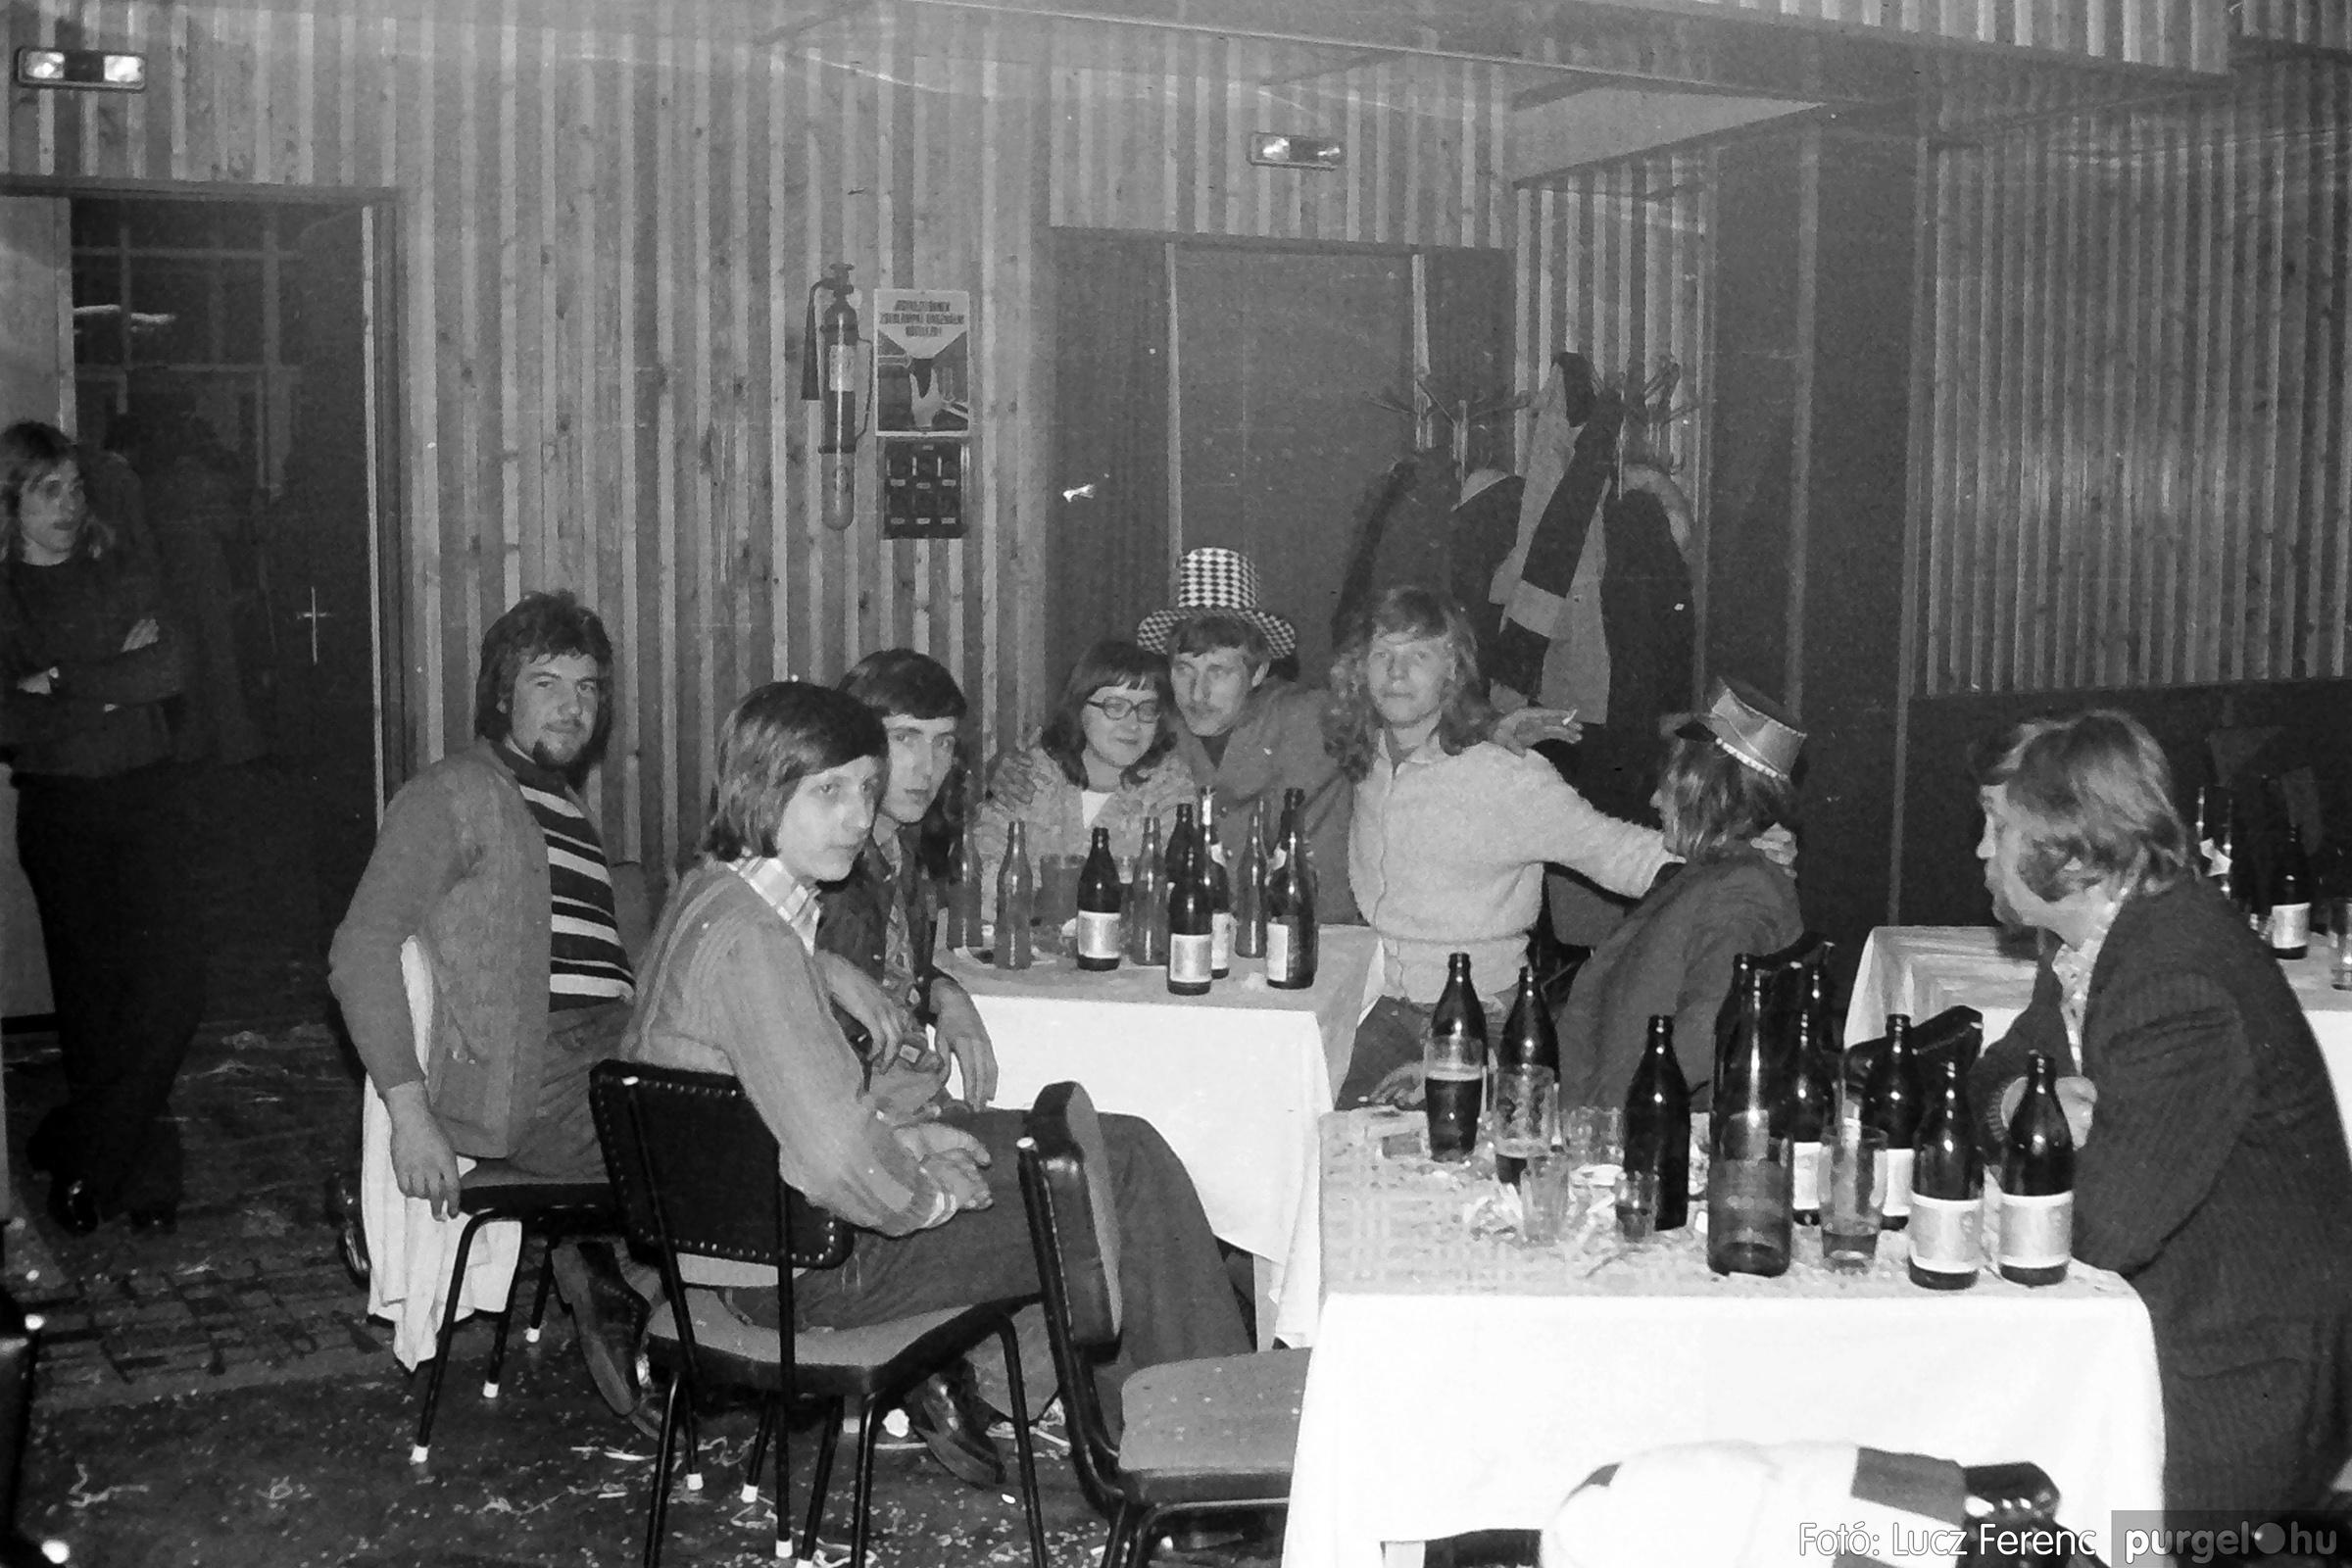 070. 1976.12.31. Szilveszter a kultúrházban 015. - Fotó: Lucz Ferenc.jpg